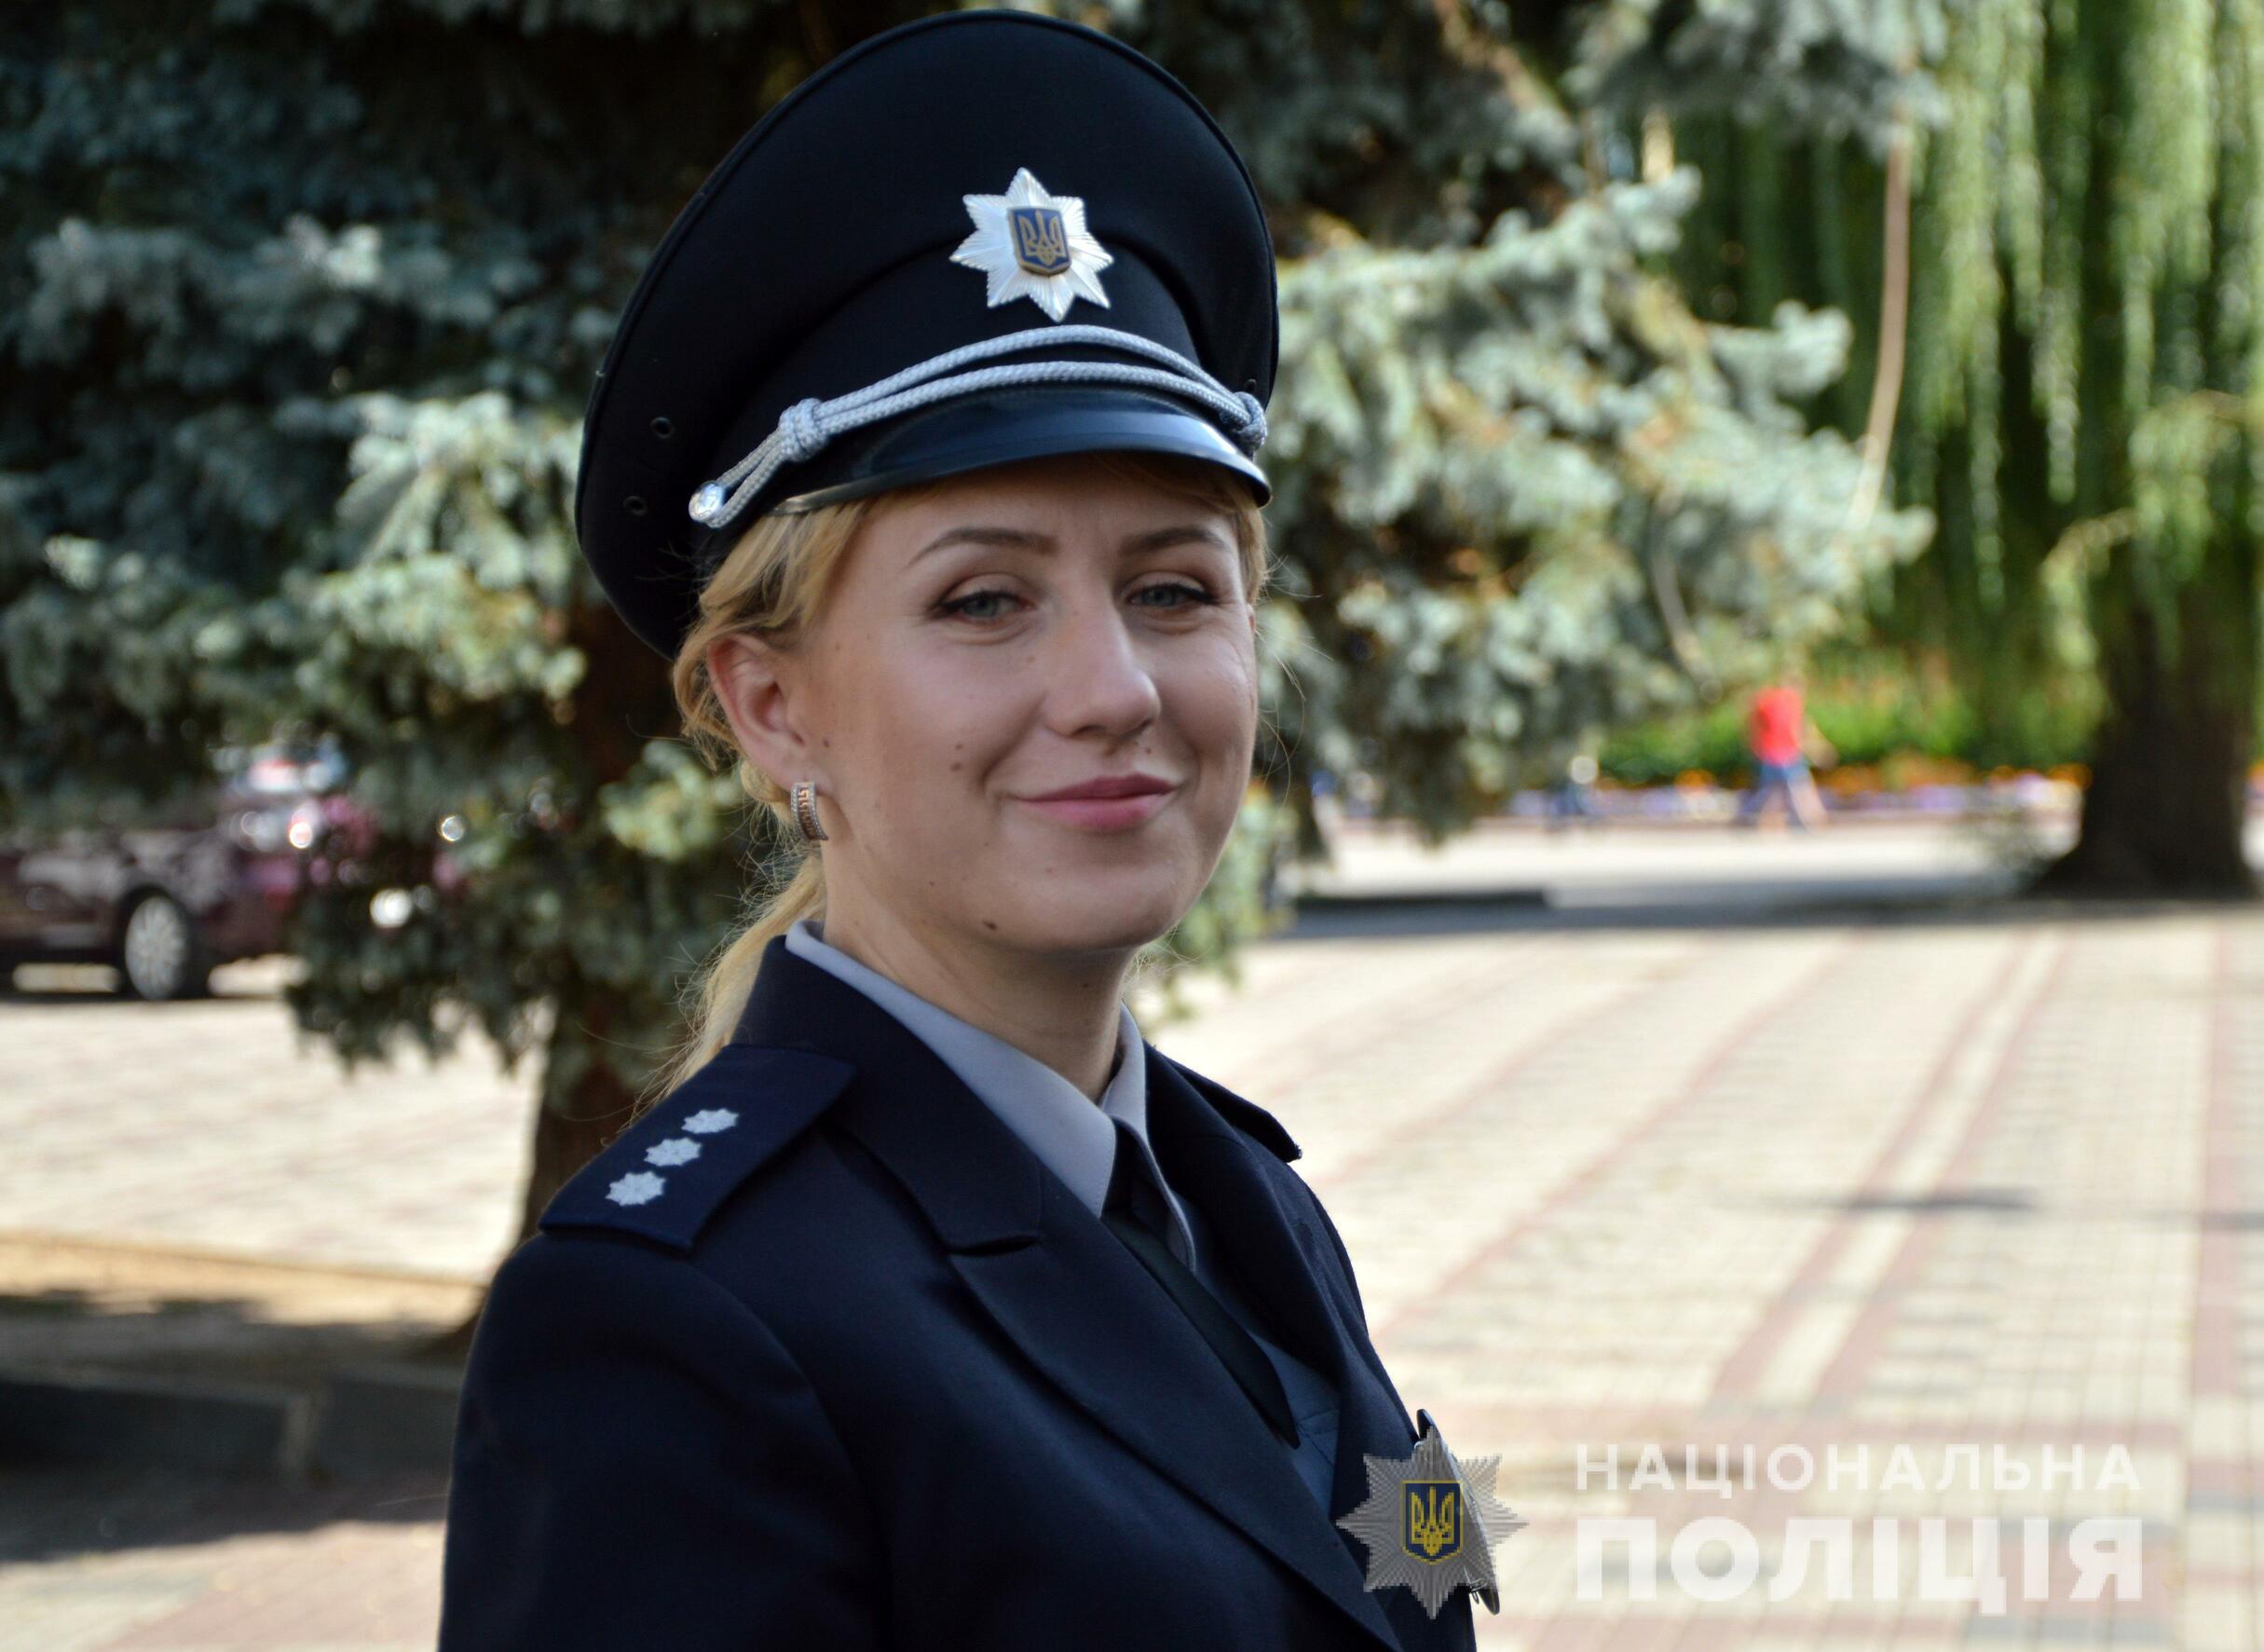 Волинська поліцейська стала однією з героїнь кампанії з популяризації служби в поліції